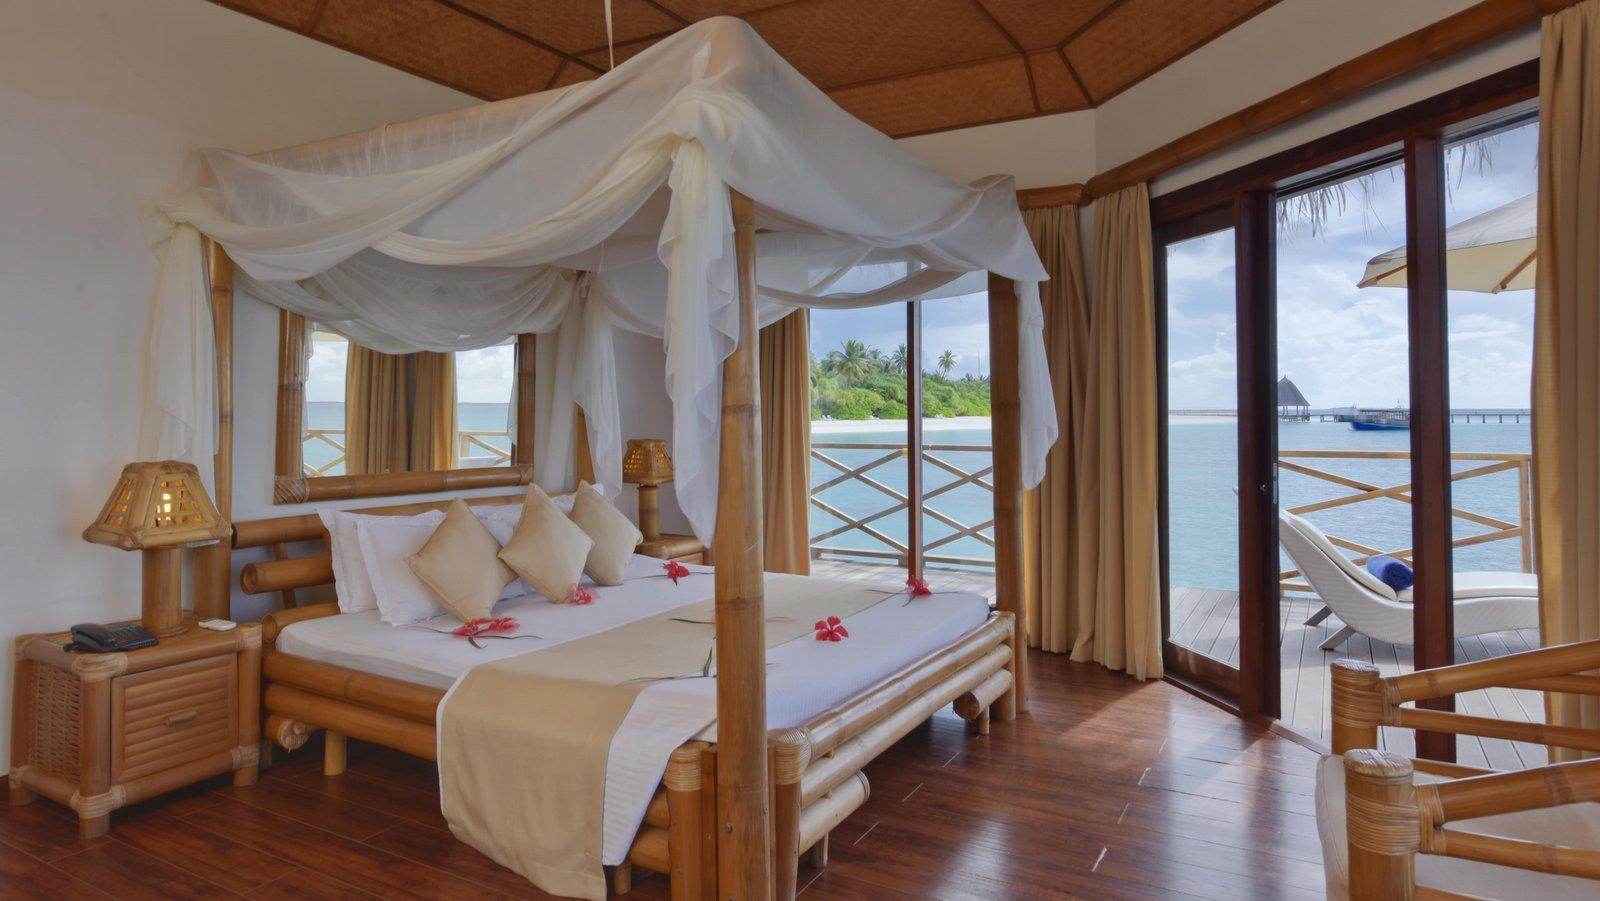 Мальдивы, отель Angaga Island Resort & Spa, номер Water Bungalow